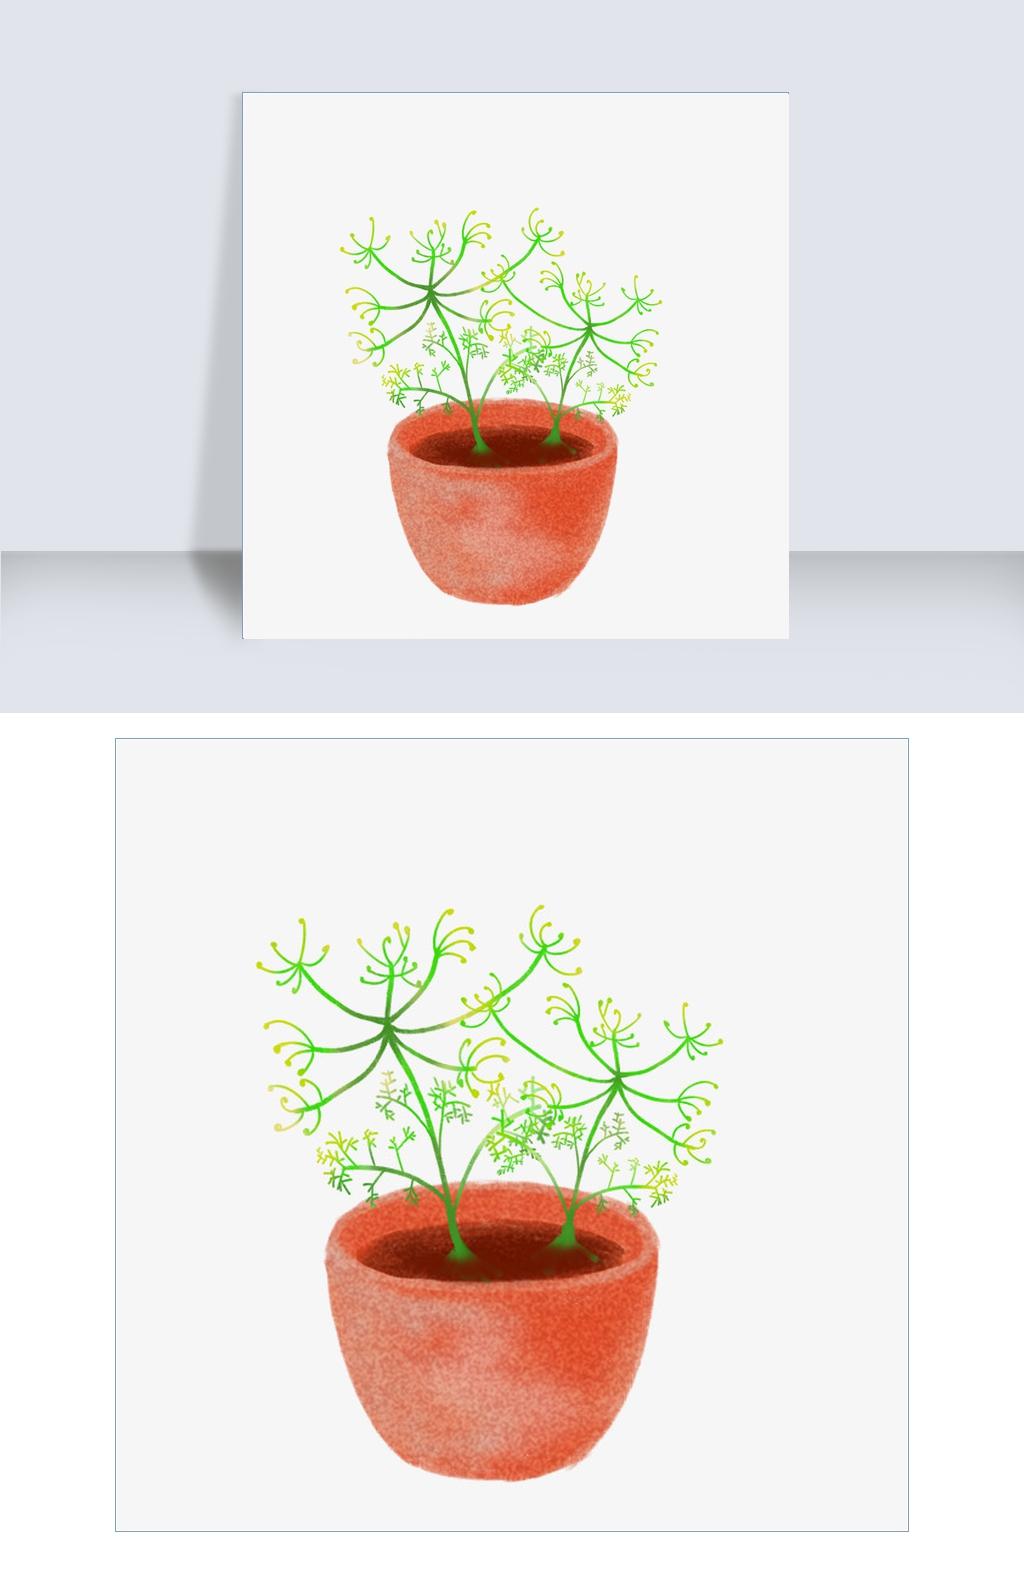 手绘金银花植物插画图片素材 PSB格式 下载 其他大全